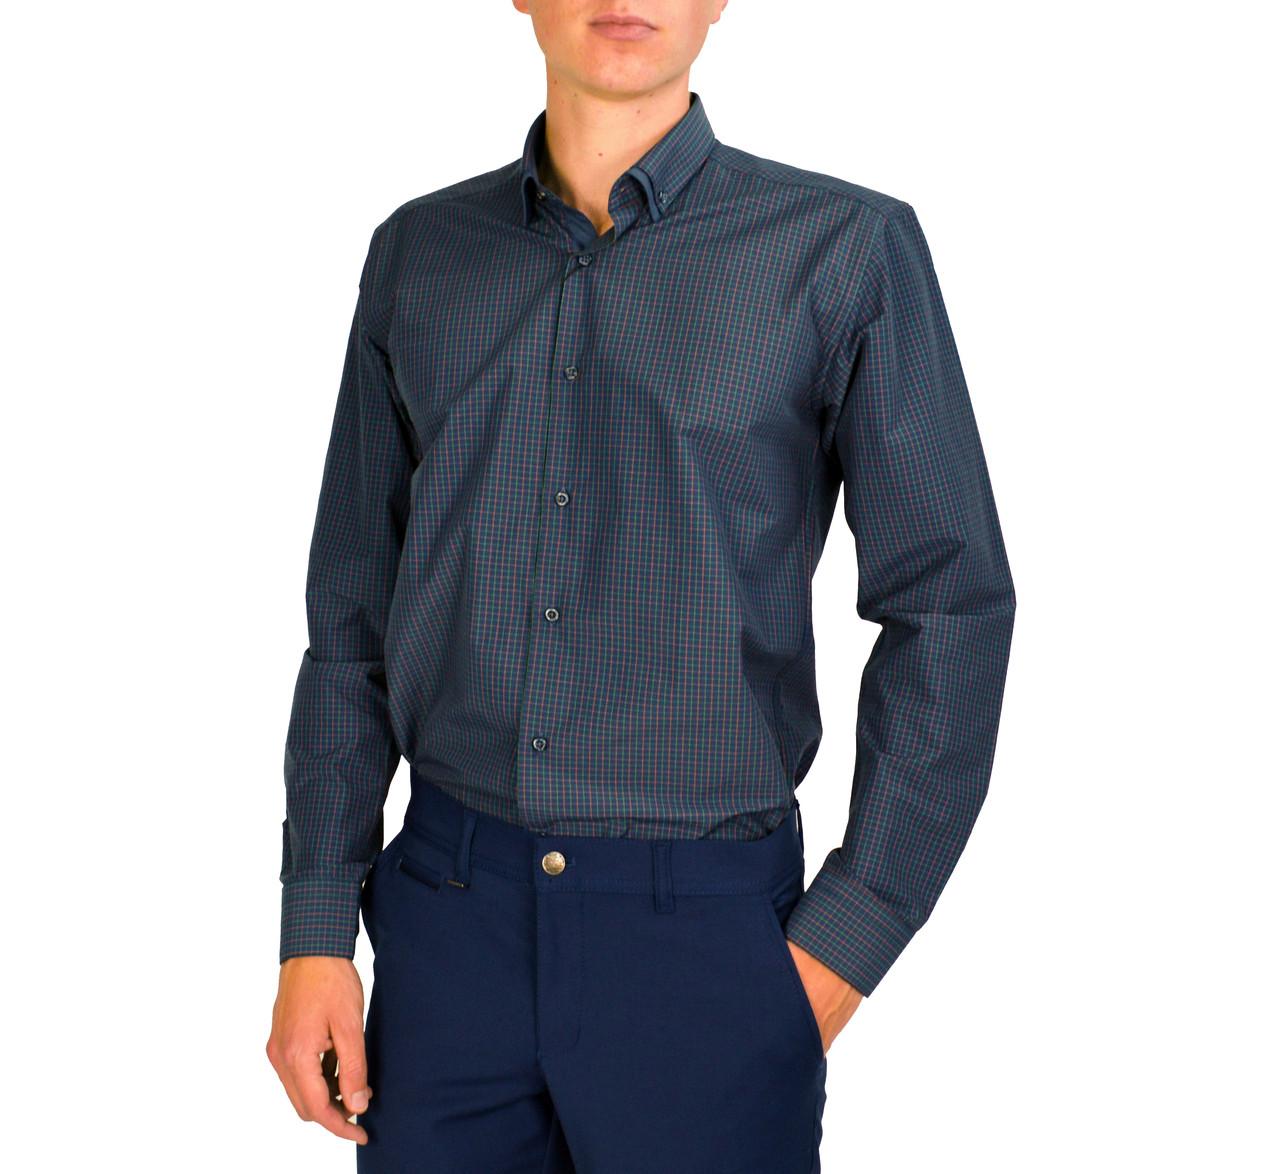 Синяя мужская рубашка классическая PALMEN в мелкую клетку